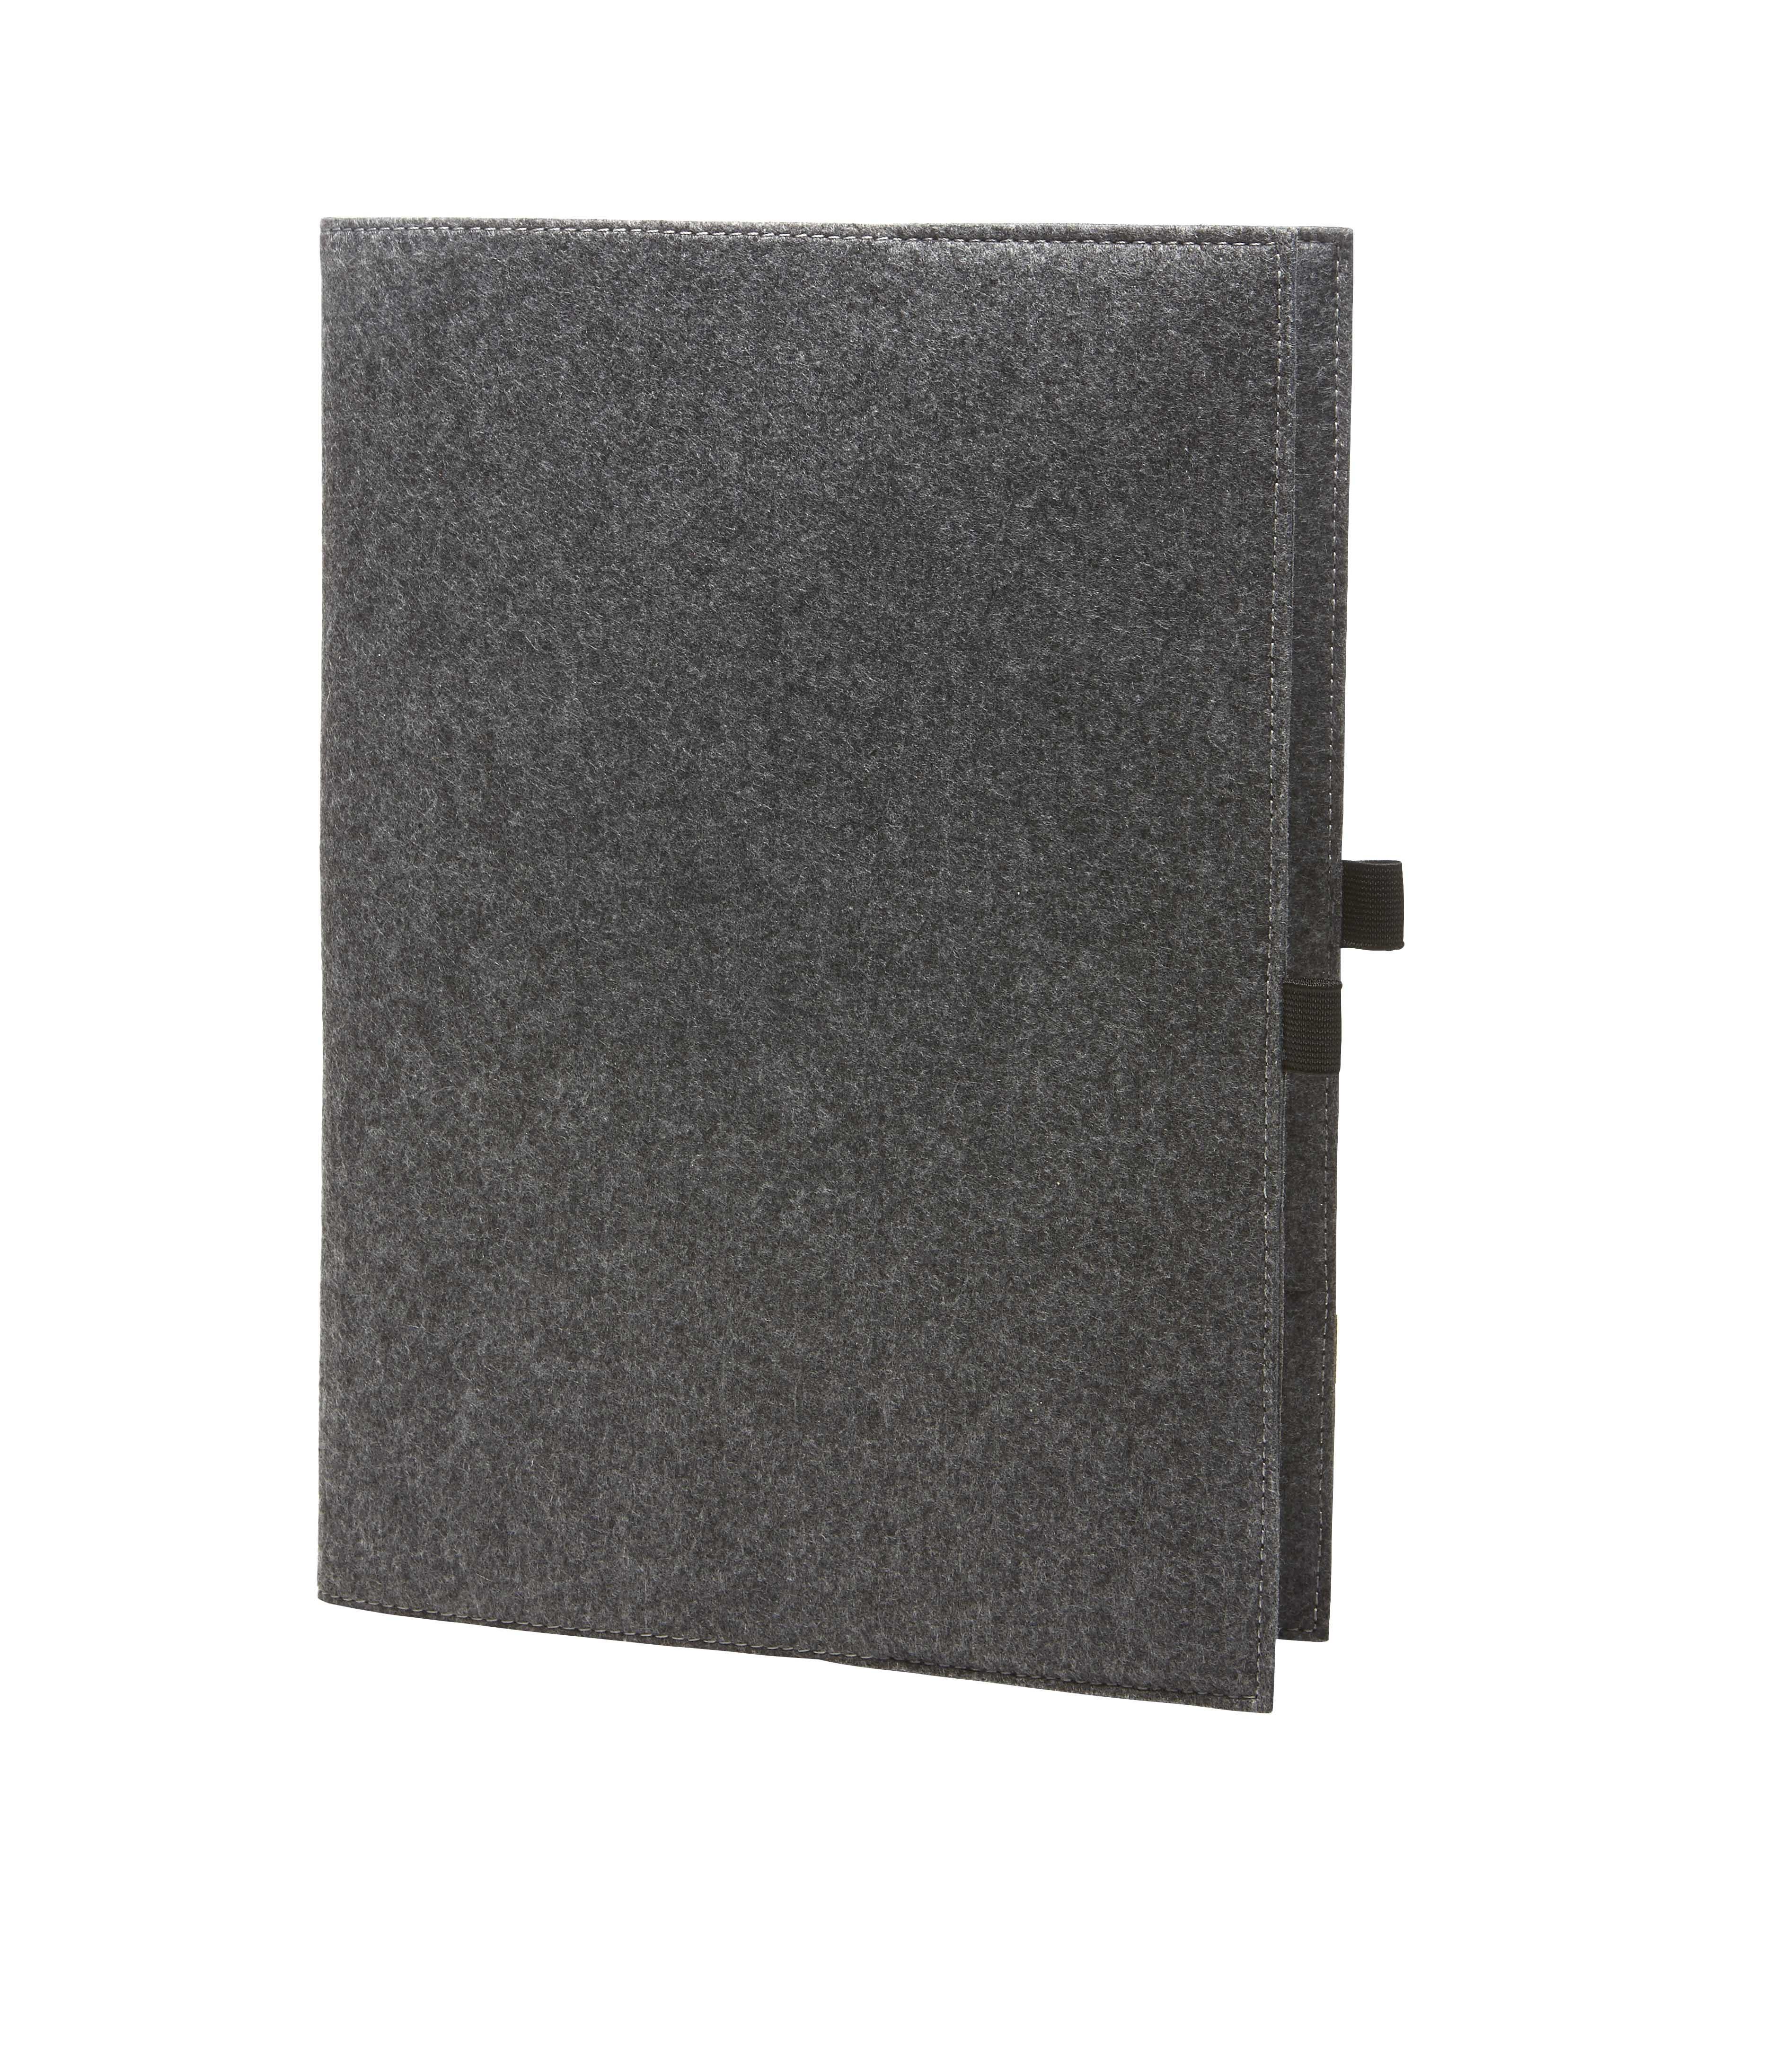 Schreibmappe Economy für DIN-A4 Papiere aus Filz in grau